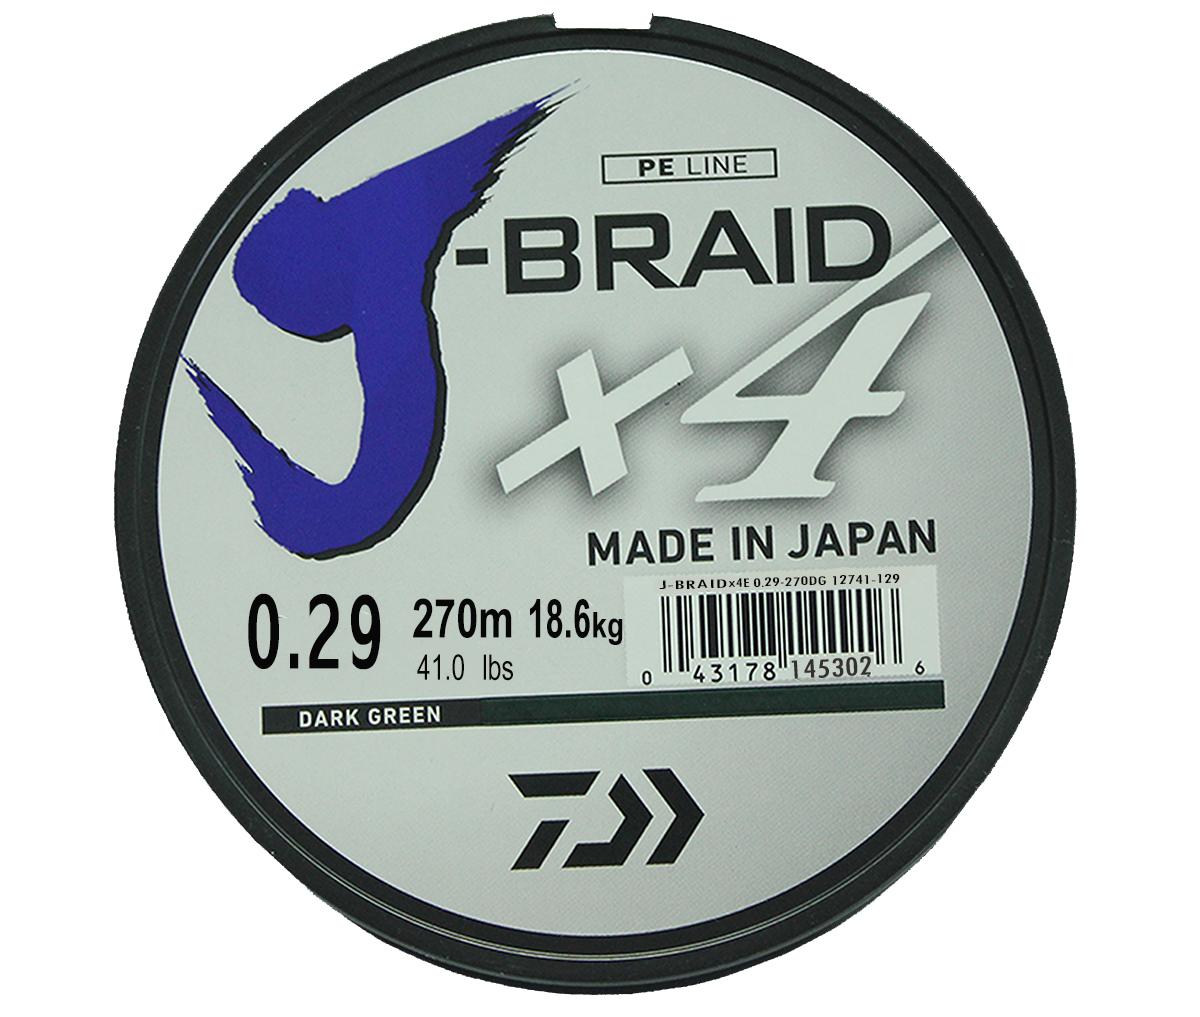 Шнур плетеный Daiwa J-Braid X4, цвет: зеленый, 270 м, 0,29 мм61176Новый 4х жильный шнур J-Braid, DAIWA - шнур высокого класса с удивительным соотношением цены и качества. Качество плетения полностью соответствует японским стандартам и удовлетворяет всем требованиям. Представленные диаметры позволяют использовать шнур для всех техник ловли, начиная от ultra- light ловли окуня, до морской ловли палтуса, трески и т.д